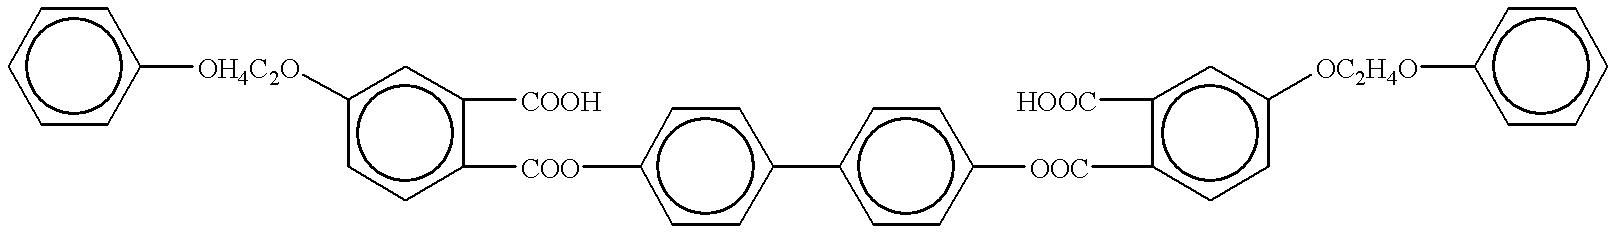 Figure US06180560-20010130-C00354